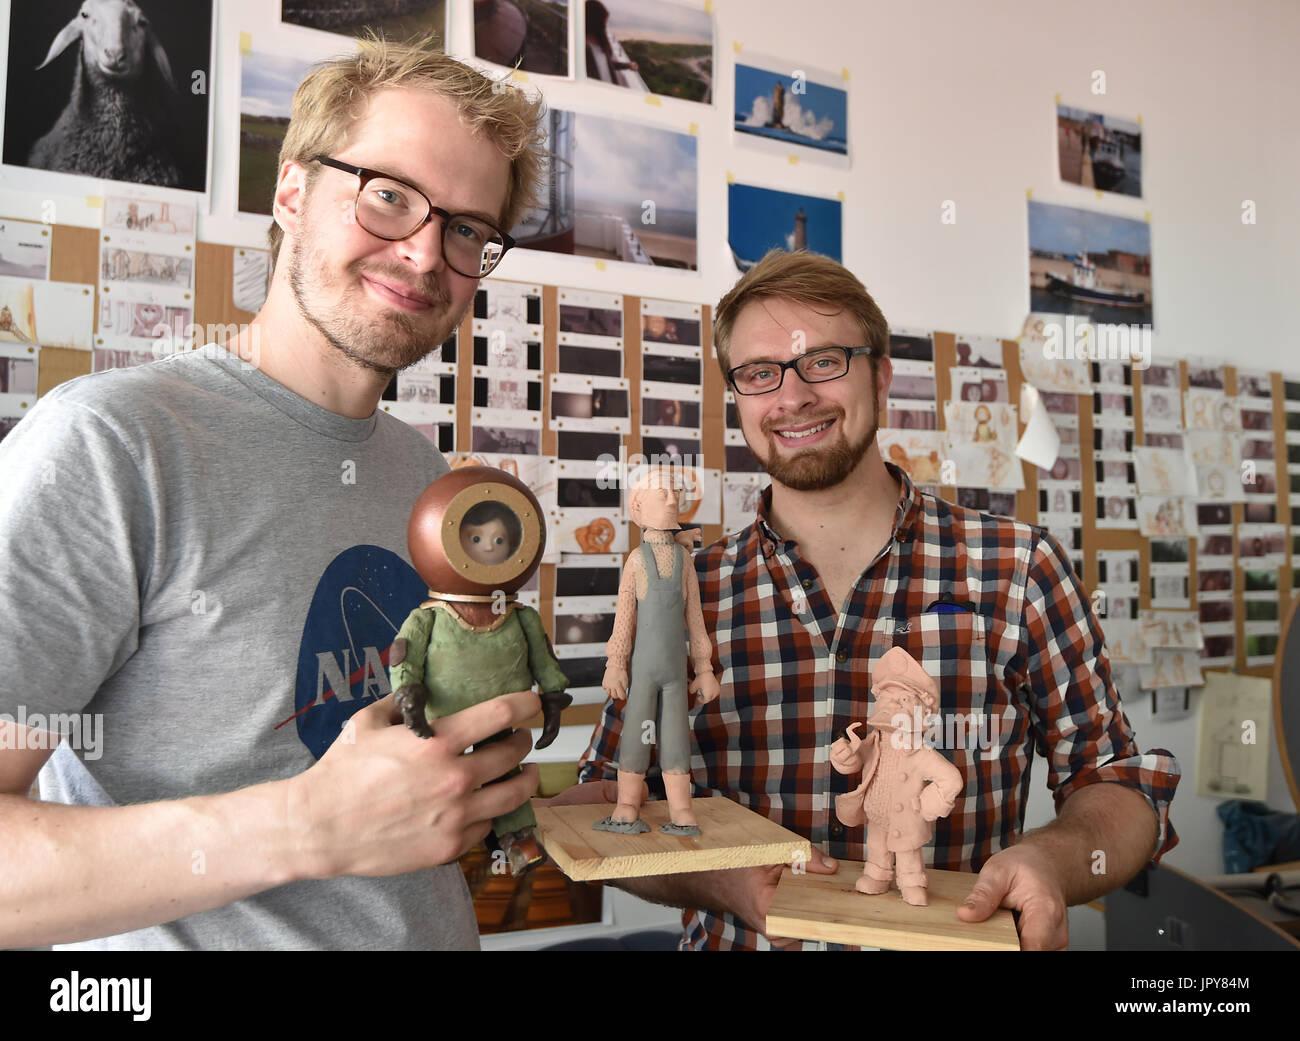 Dpatop - Jan Gadermann und Sebastian Grutza zeigen ihre Ideen für